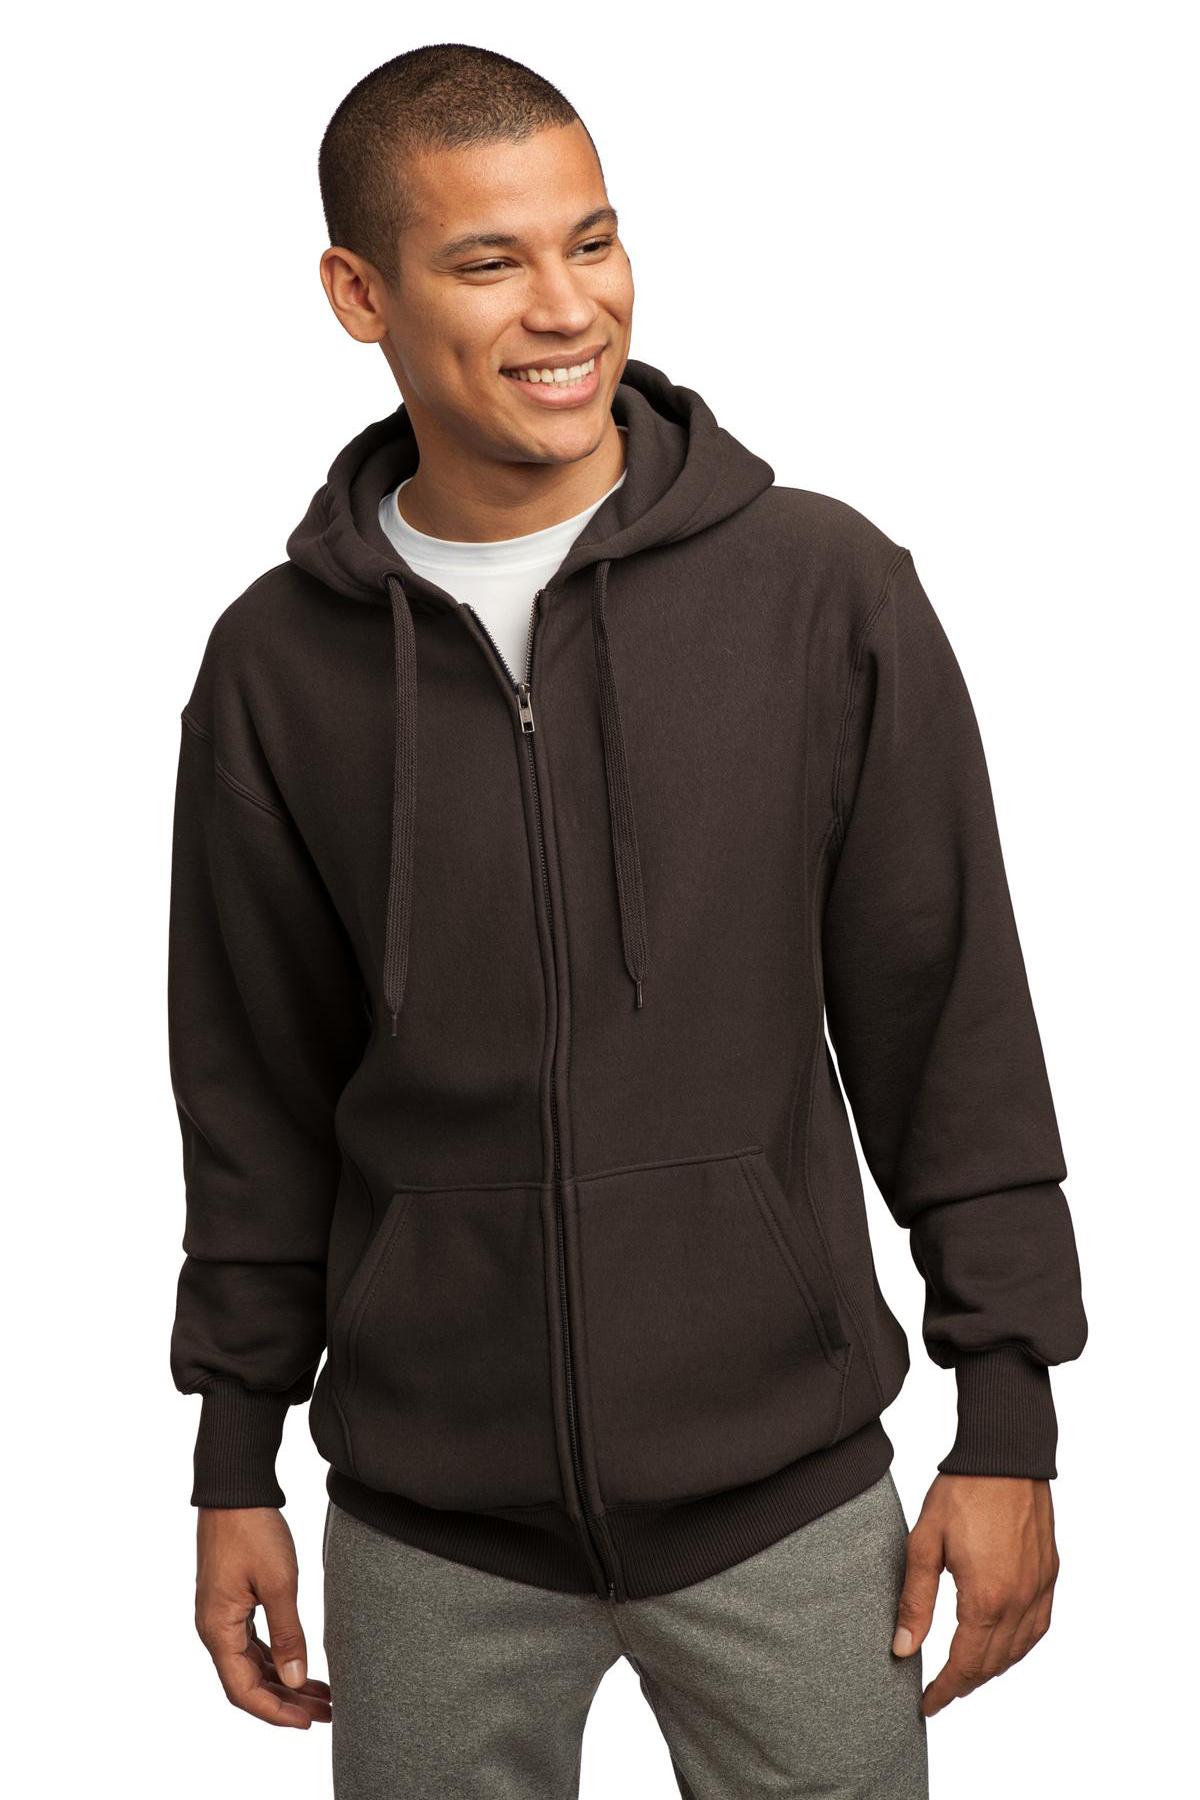 Sweatshirts-Fleece-Hooded-29